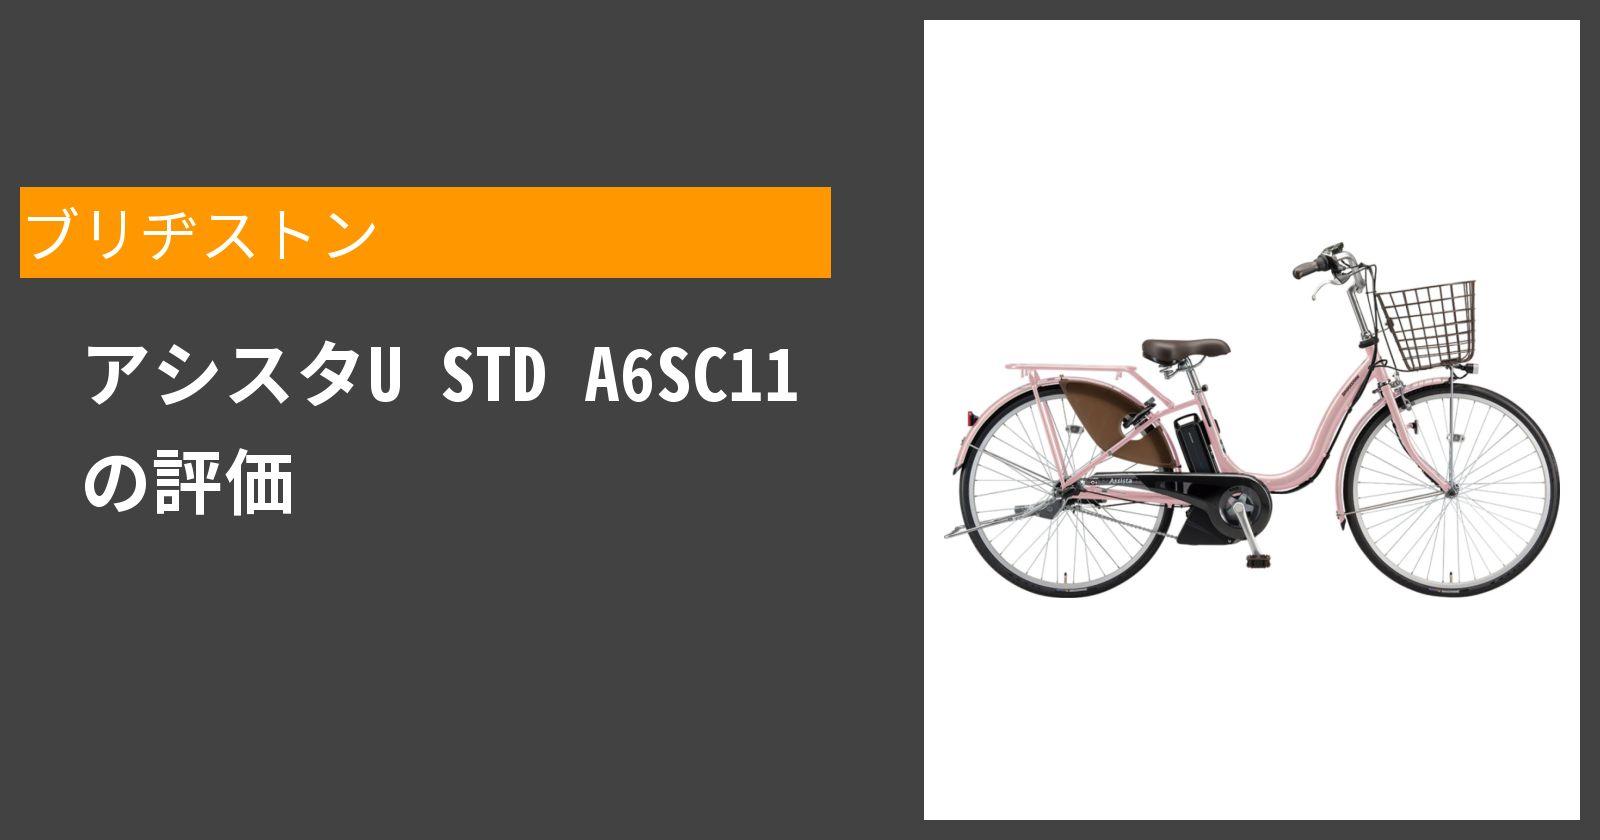 アシスタU STD A6SC11を徹底評価